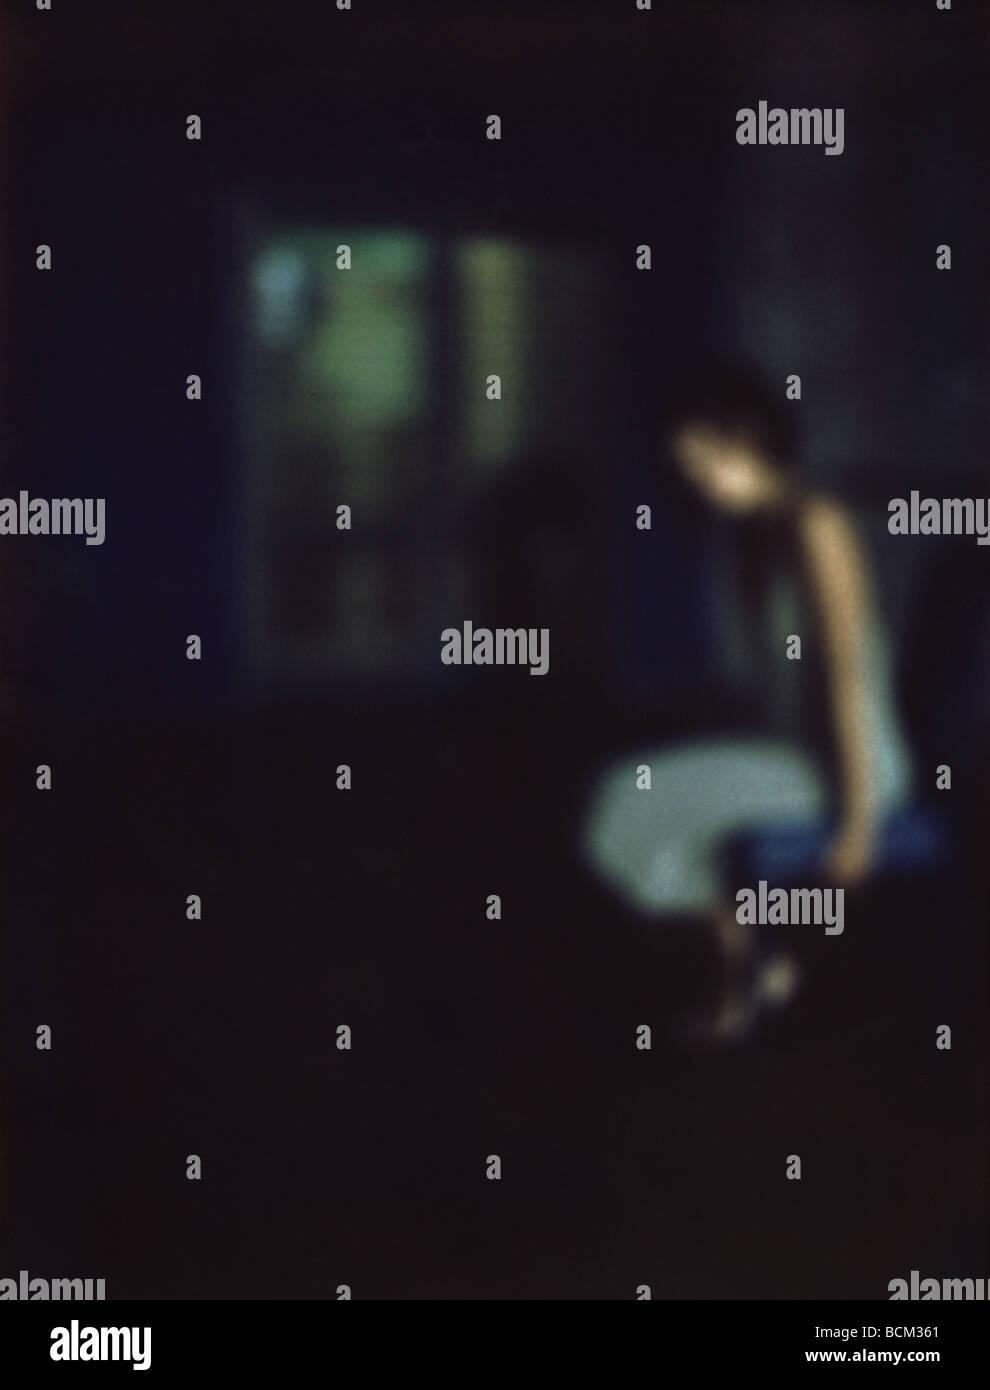 Woman sitting in dark room, defocused - Stock Image